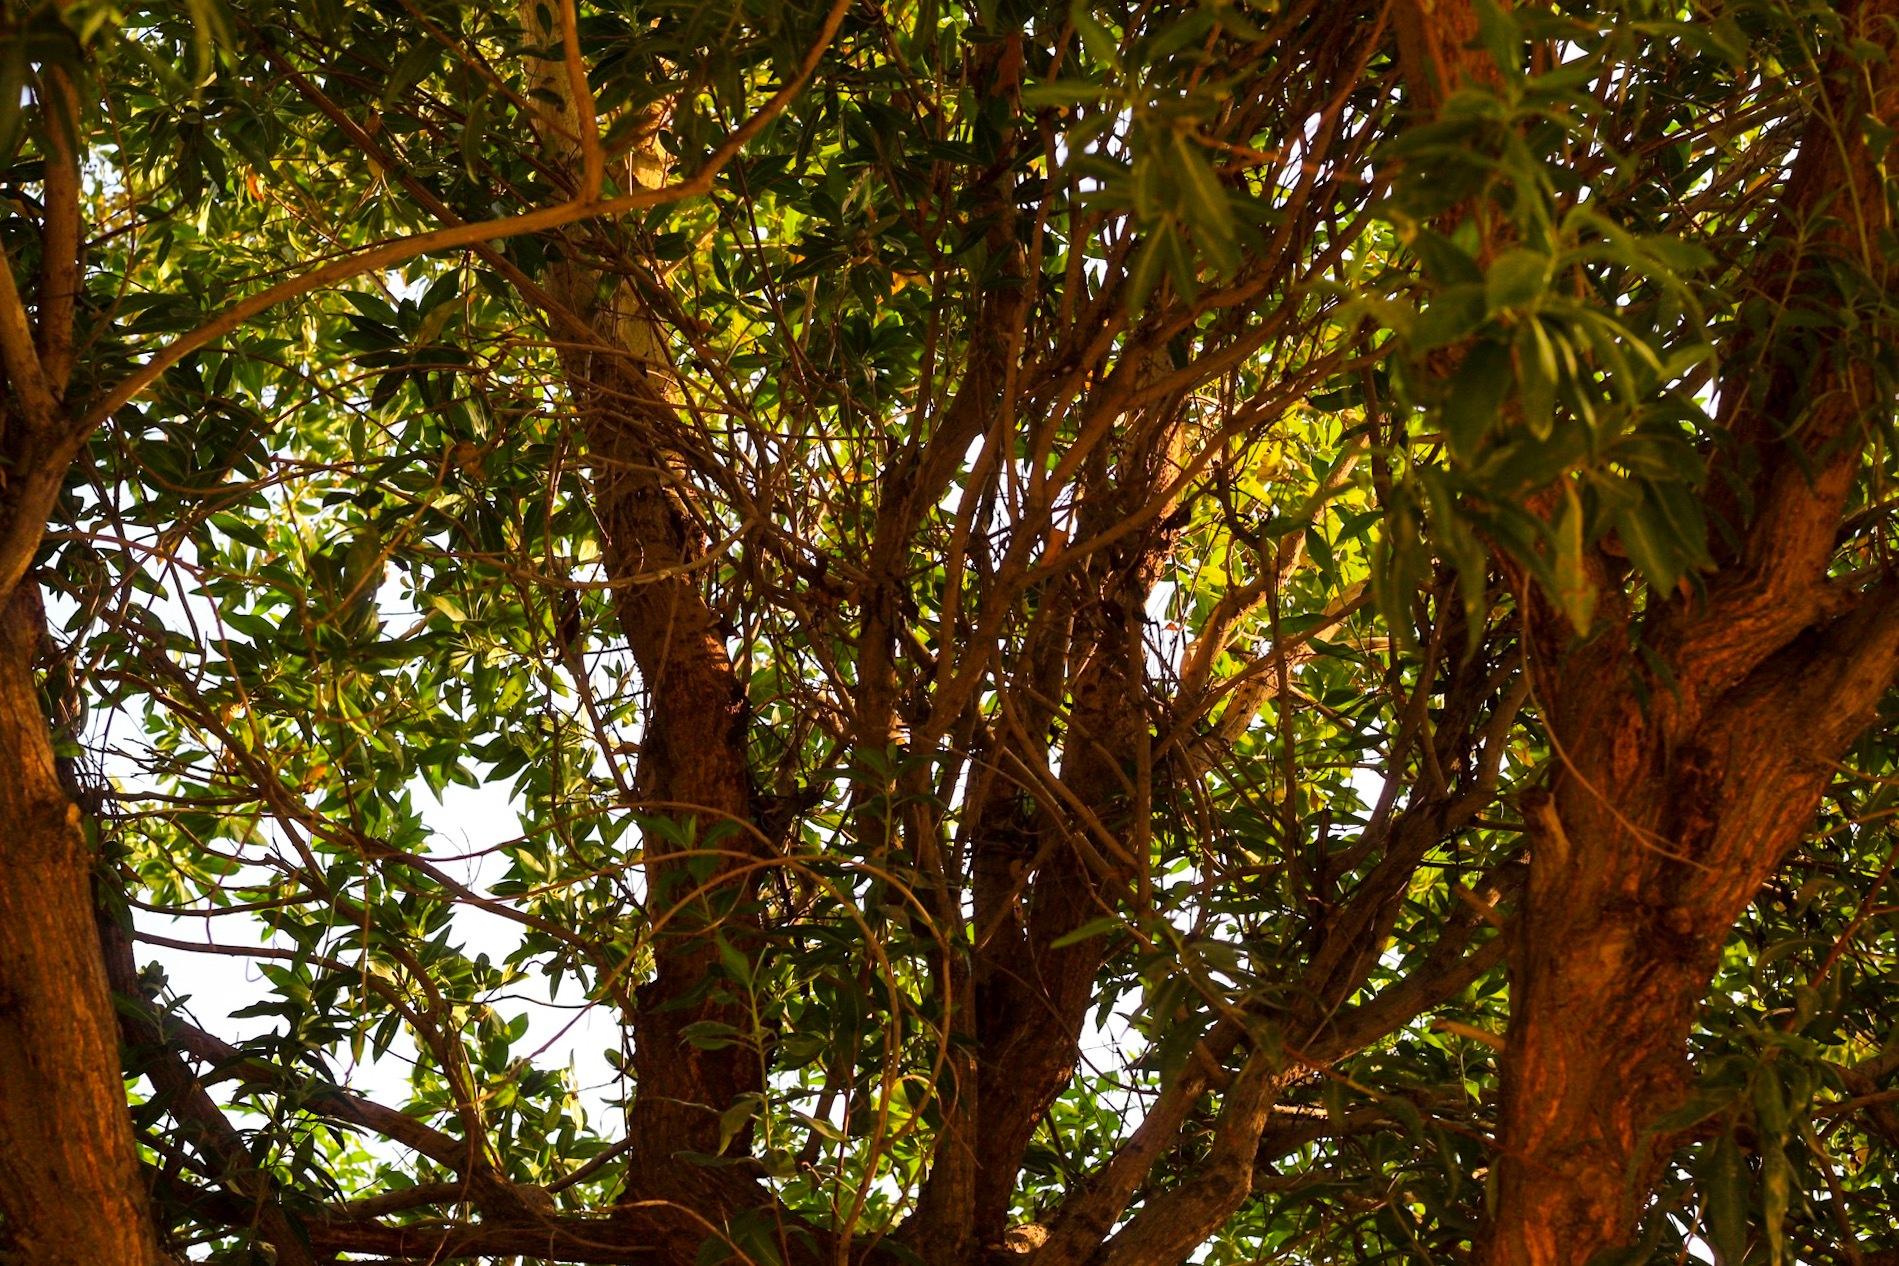 Tree and Shade by Mazim. Varikodan